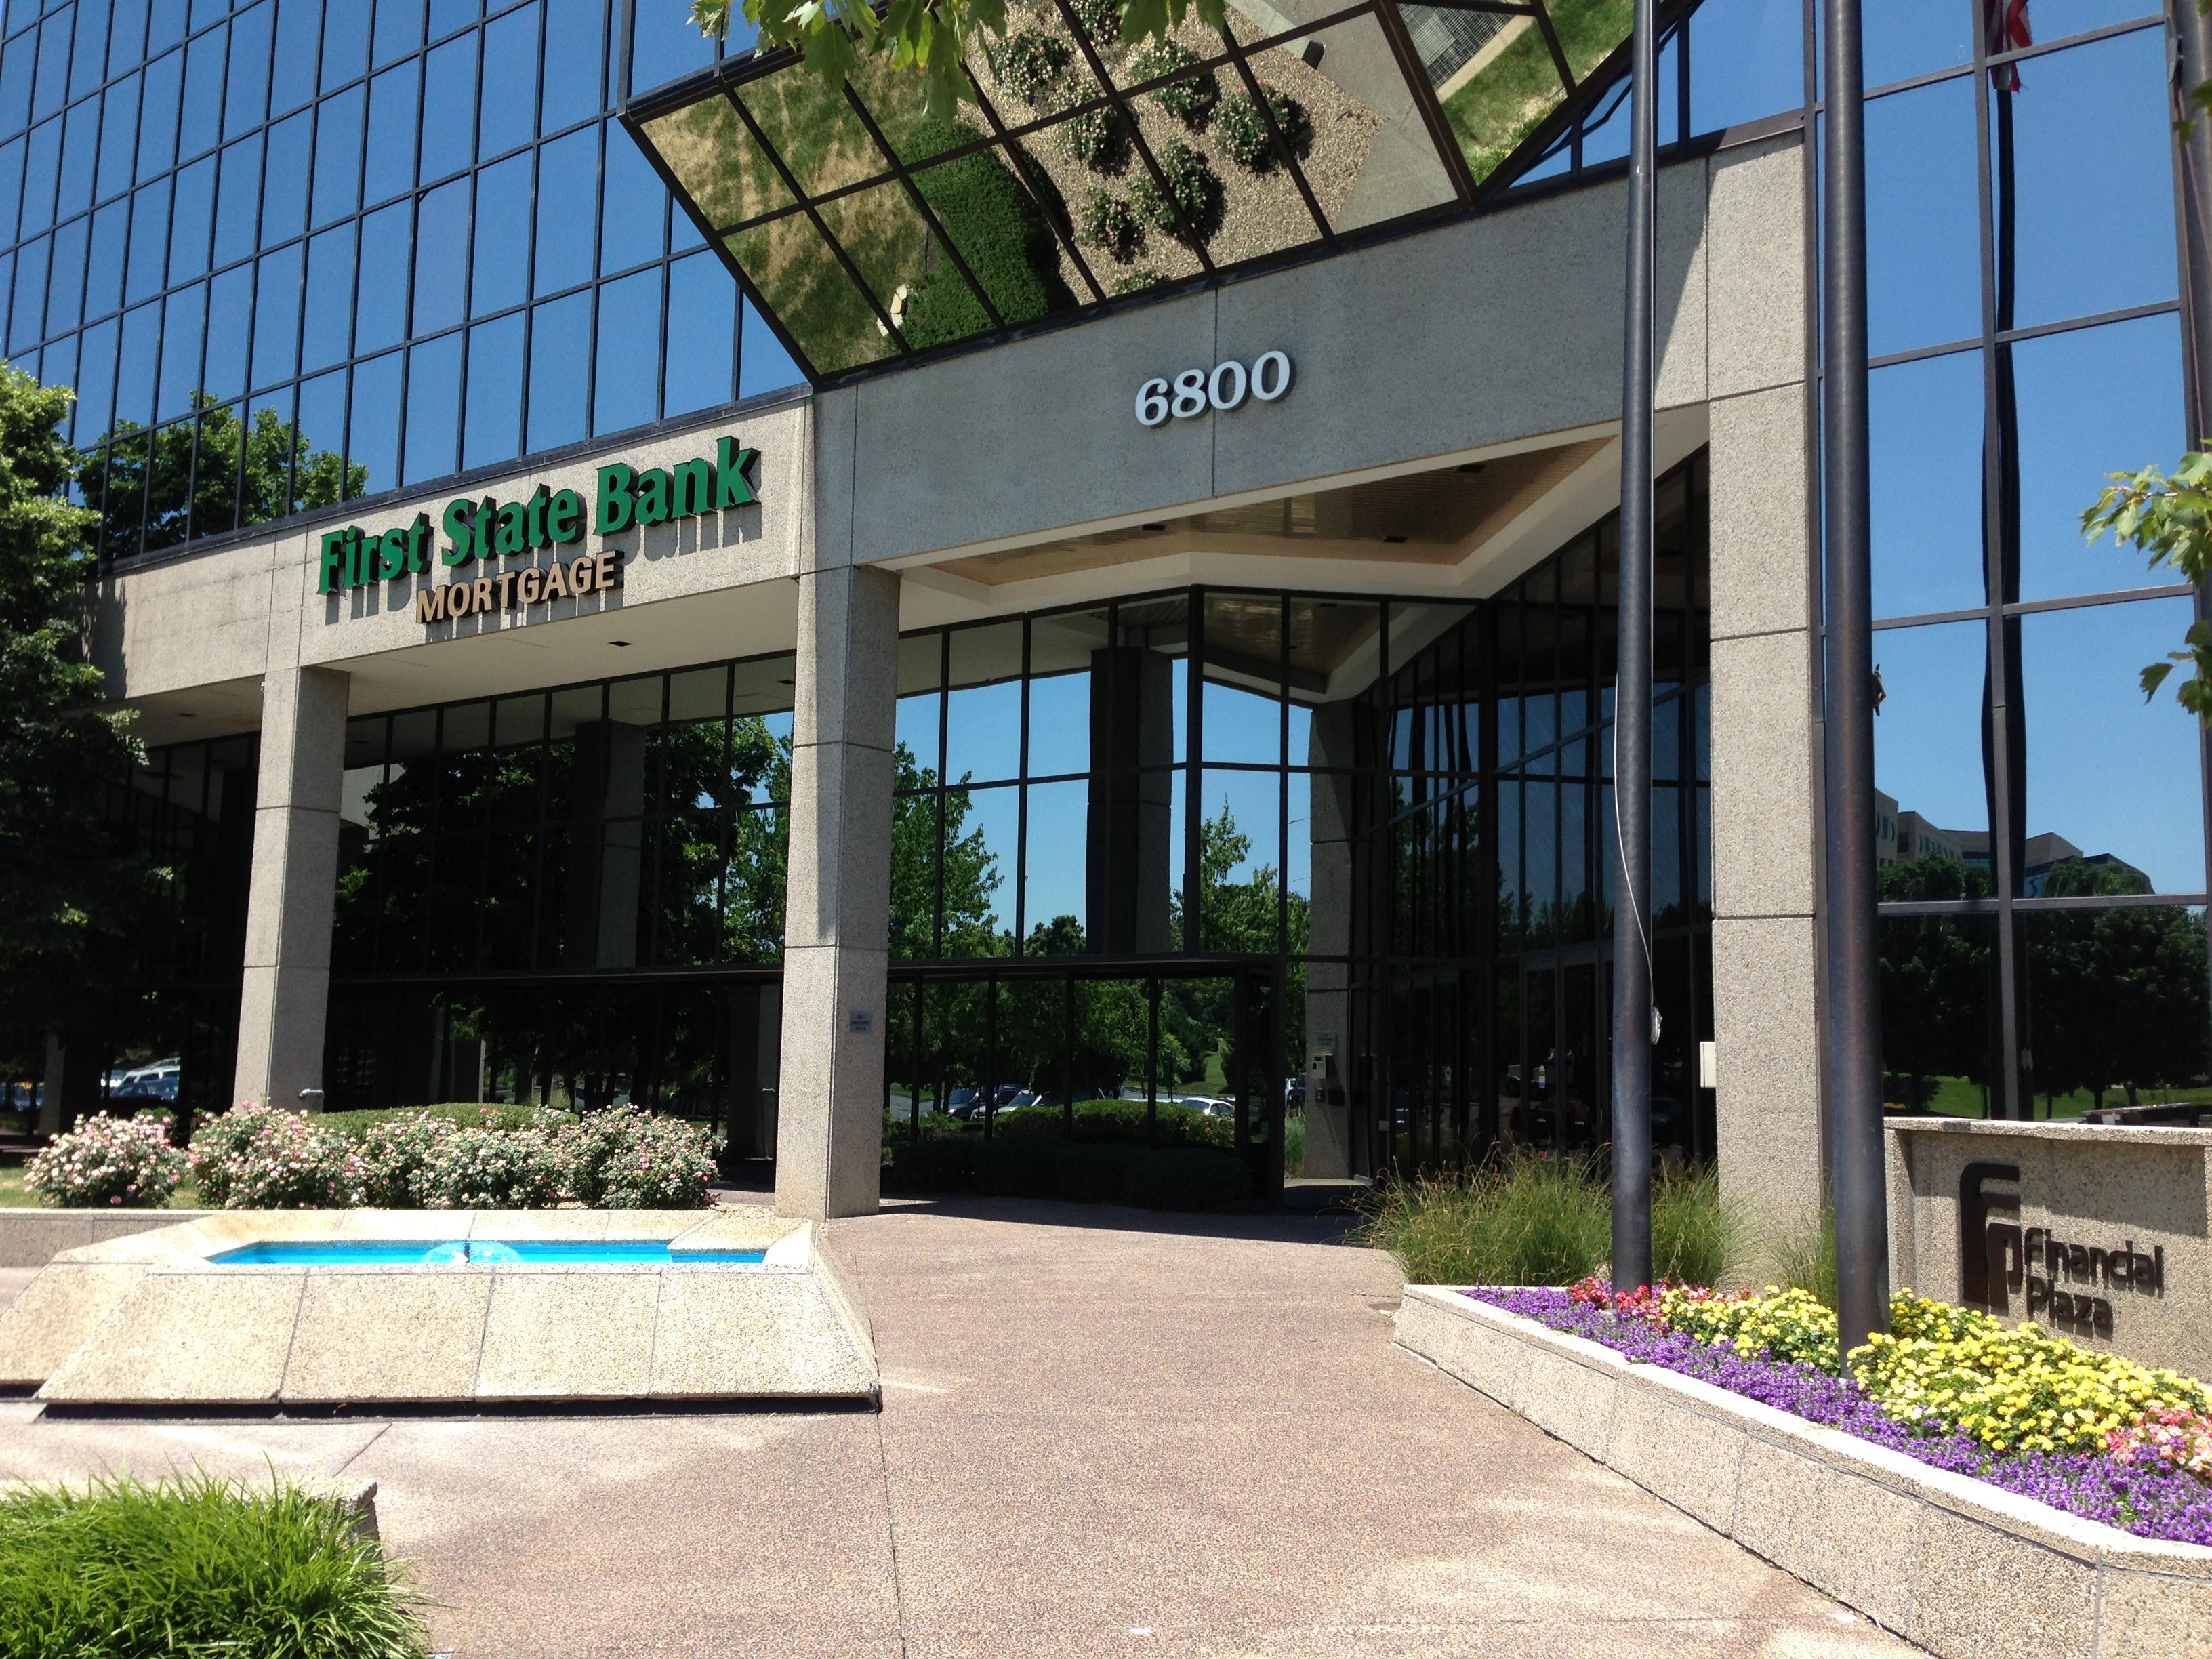 First State Bank in Kansas City, KS